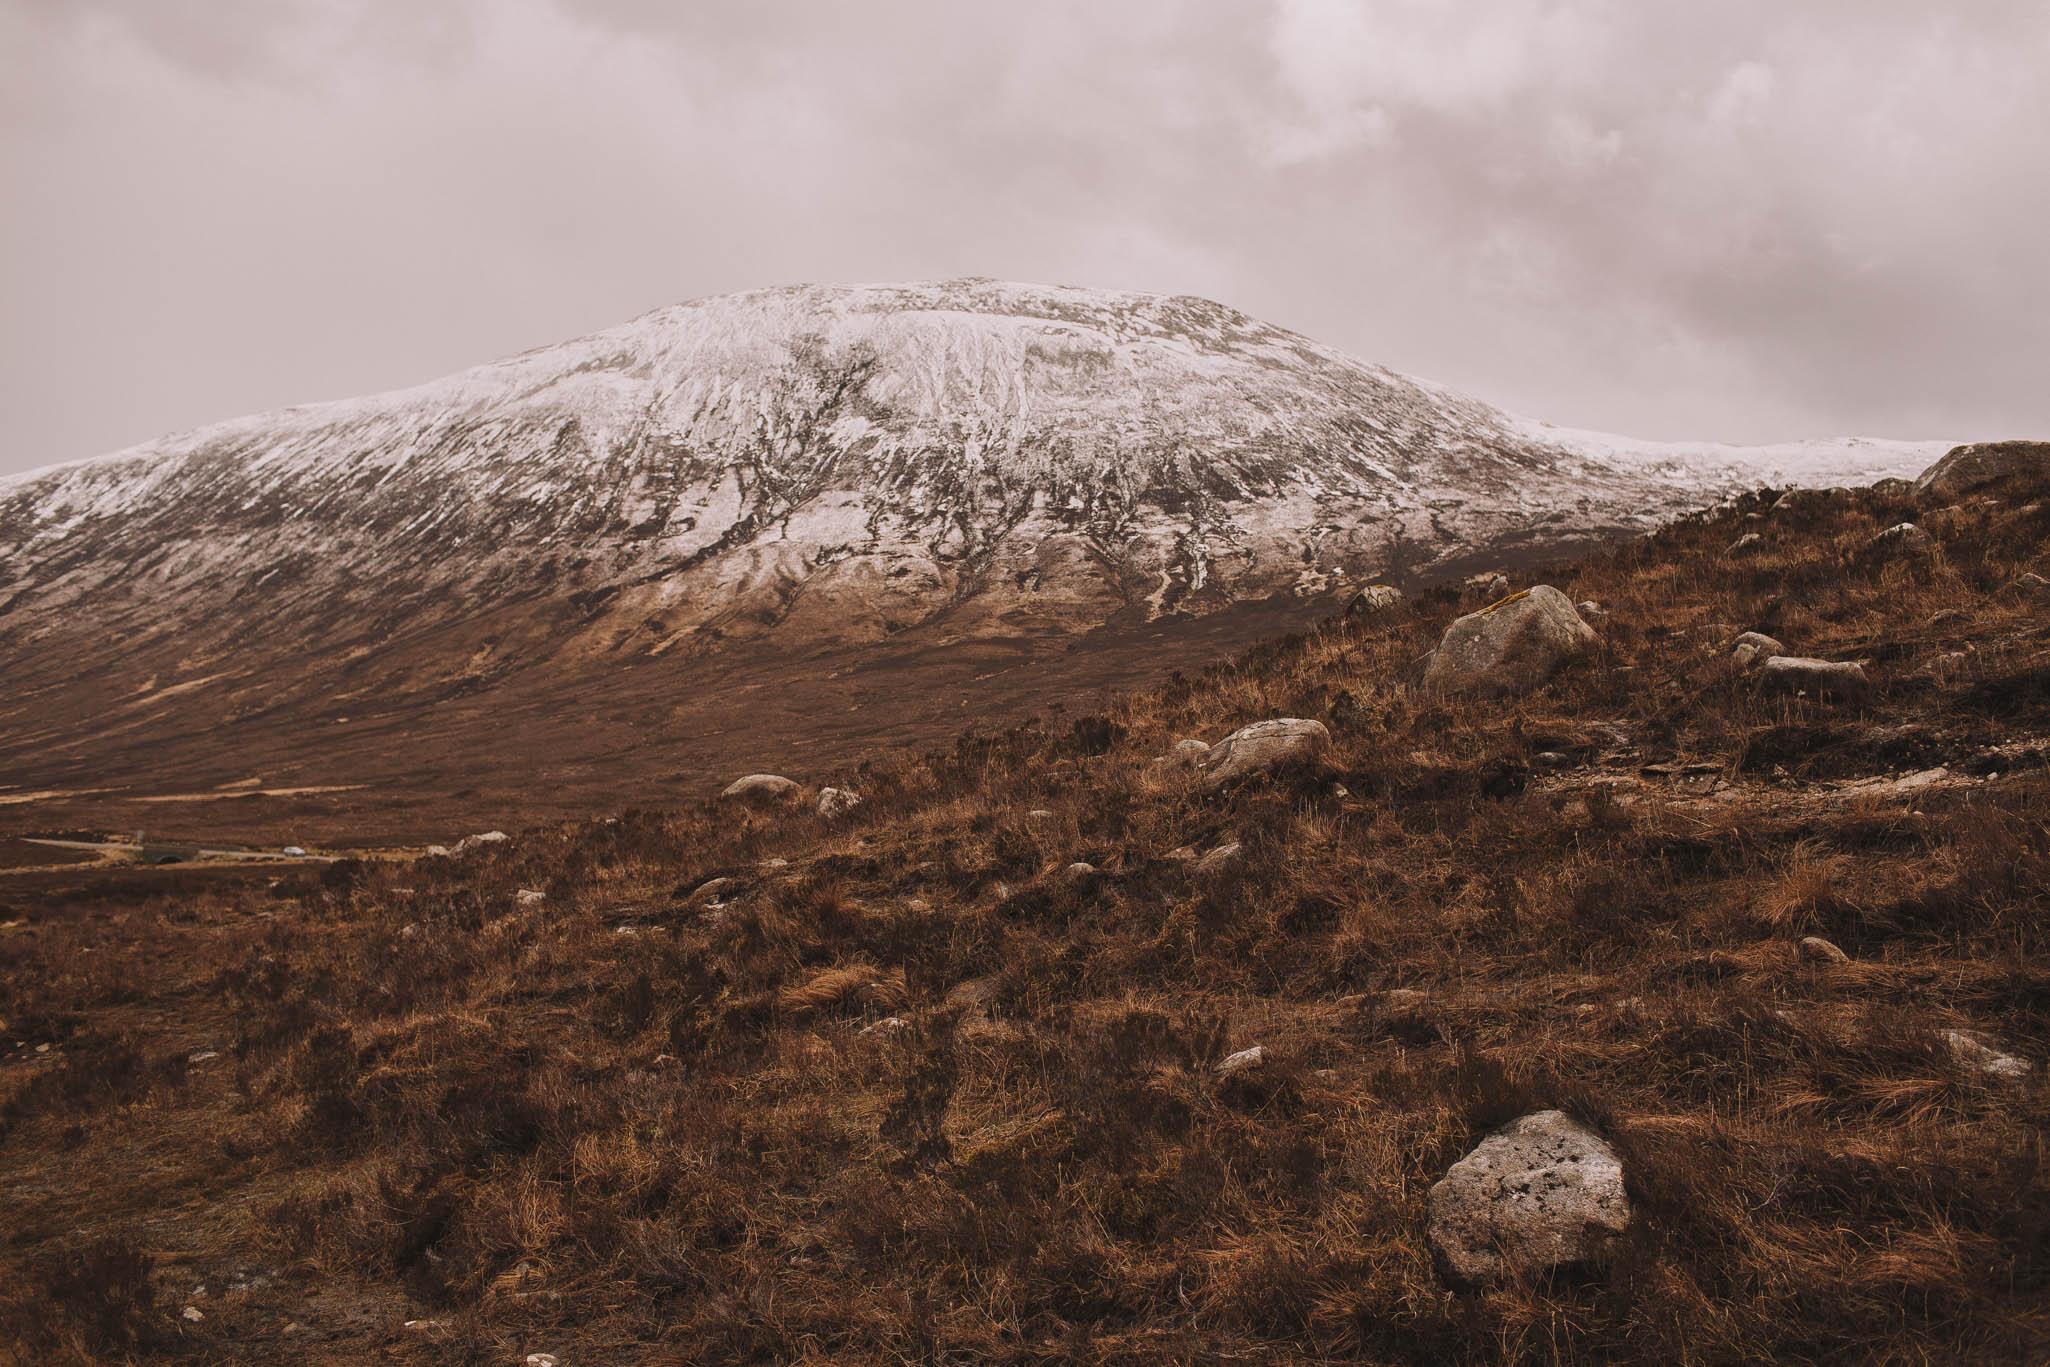 Scotland-wedding-photographer-jeremy-boyer-photographe-mariage-ecosse-voyage-road-trip-travel-52.jpg